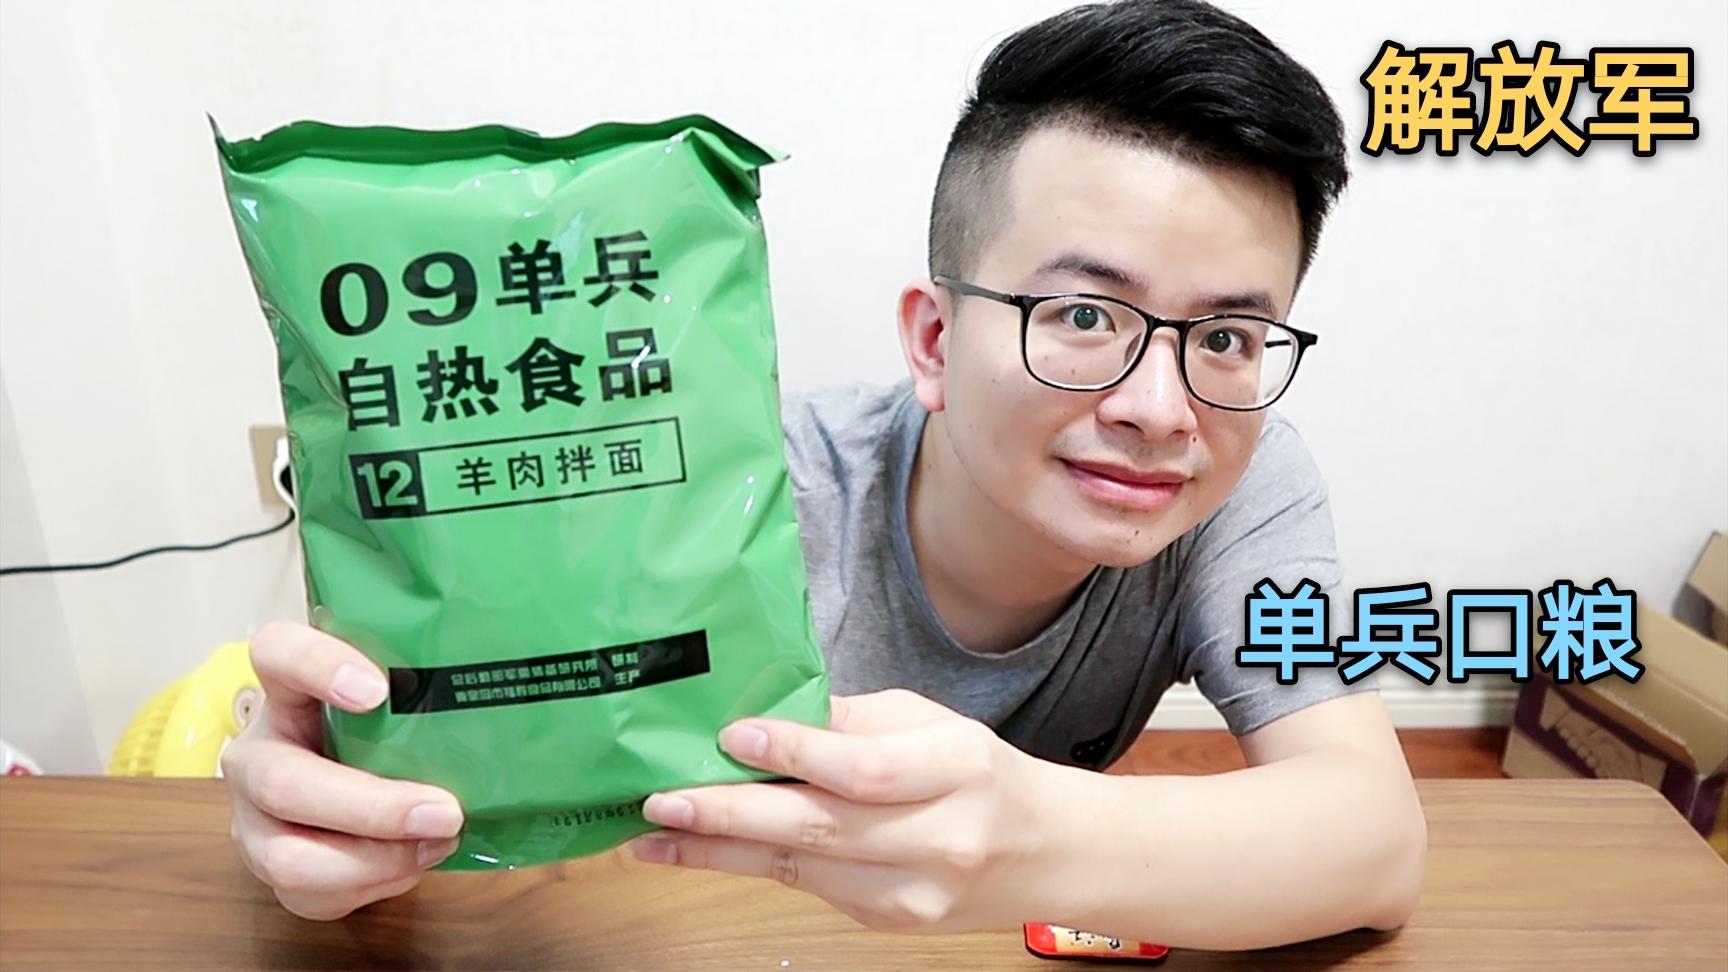 """试吃36元的解放军09单兵口粮,注入""""灵魂香辣酱"""",太香了"""